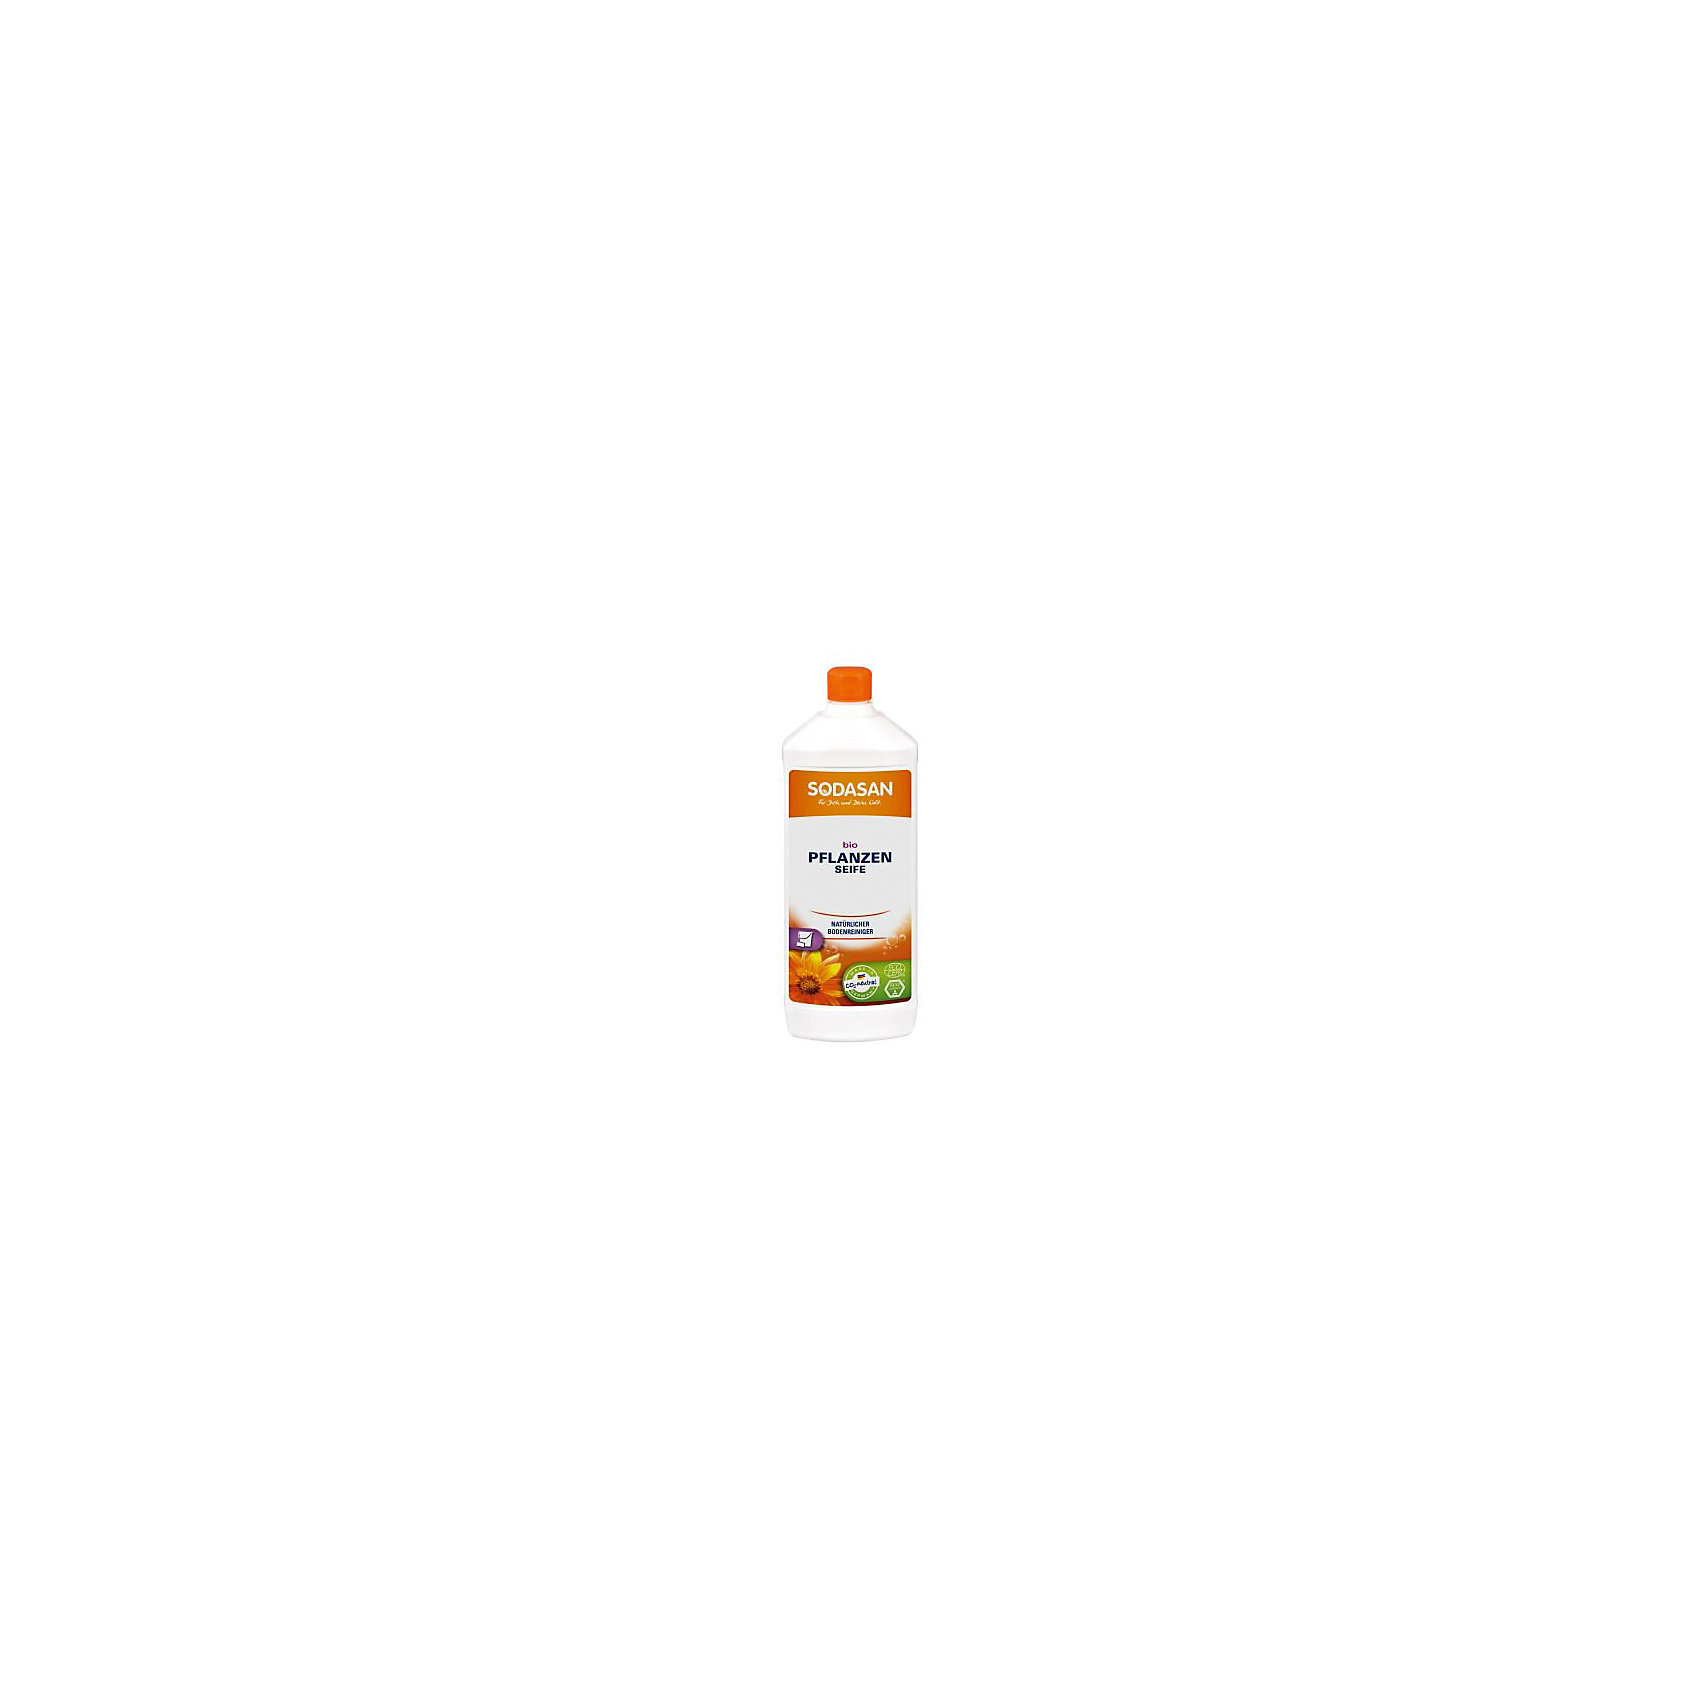 Мыло жидкое без запаха для мытья полов 1л, SodasanНатуральное средство для чистки пола<br>Преимущества:<br><br>изготовлено из высококачественных органических растительных масел<br>отсутствие ароматов, красителей или консервантов<br>формирует естественный защитный слой<br>подходит для использования на всех гладких, очищаемых поверхностях<br>Использование:<br>Чистое мыло без запаха для чистки всех натуральных, необработанных полов. Особенно подходит для деревянных полов с открытыми порами, досок, плиток, мрамора, ламината и линолеума.<br><br>Экологические преимущества:<br>Единственное чистящее вещество в данном продукте – мыло, которое подвержено быстрому и полному биоразложению. Произведено в процессе низкотемпературной сапонификации. Продукт является CO2-нейтральным. Мы используем только электроэнергию Greenpeace energy, следовательно, на 100% обходимся без ядерной энергии.<br><br>Ширина мм: 250<br>Глубина мм: 100<br>Высота мм: 250<br>Вес г: 1000<br>Возраст от месяцев: 216<br>Возраст до месяцев: 1188<br>Пол: Унисекс<br>Возраст: Детский<br>SKU: 5407607